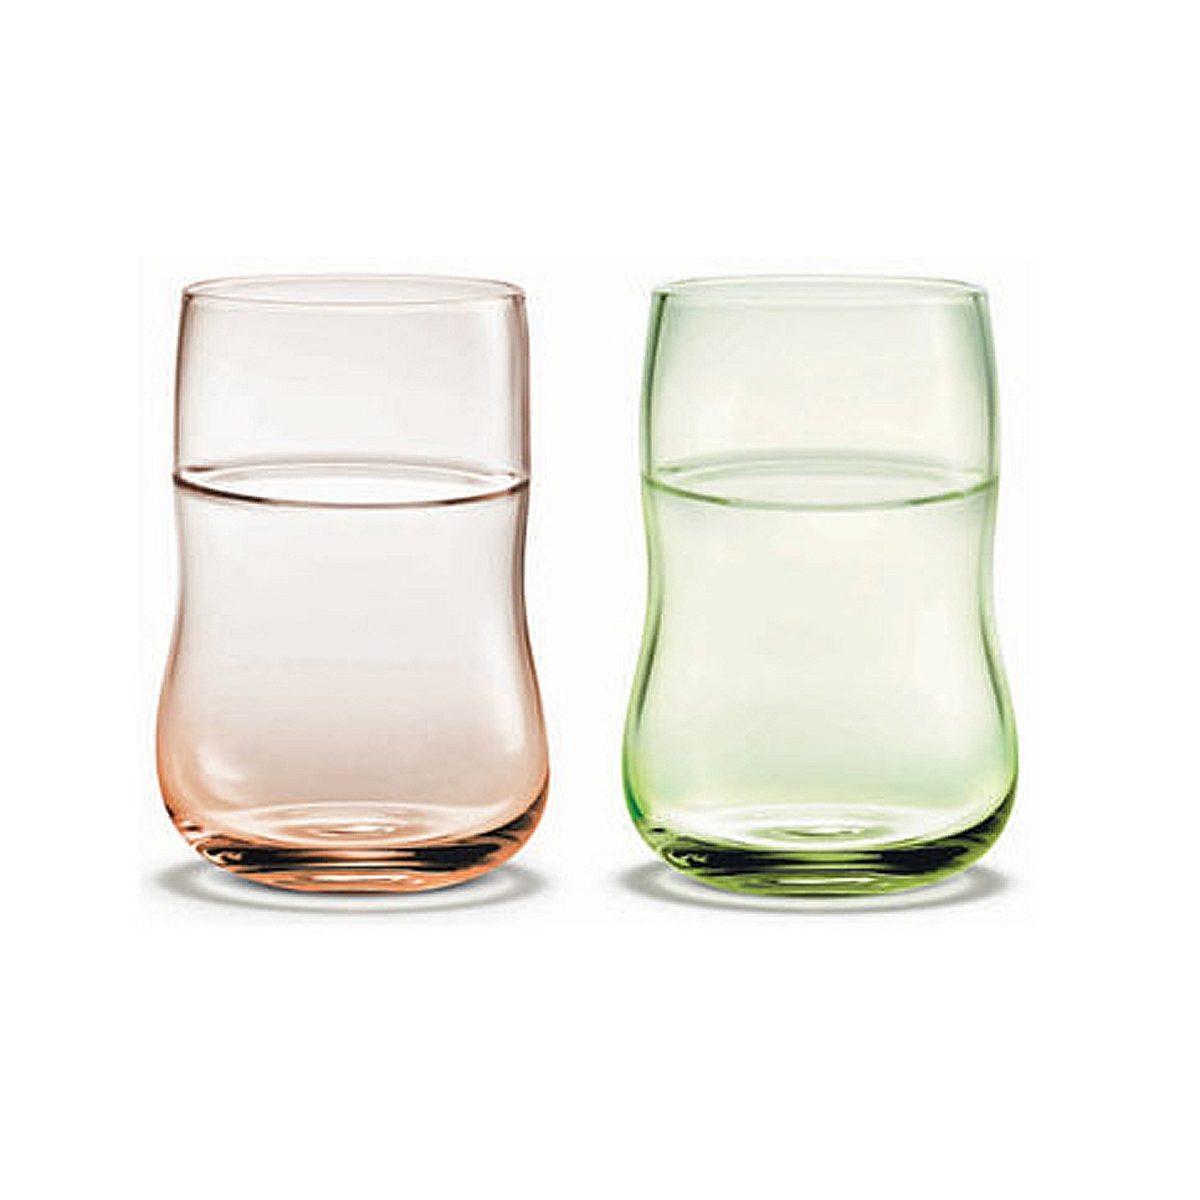 HOLMEGAARD HOLMEGAARD Wasserglas Future 25 cl, rose, spring